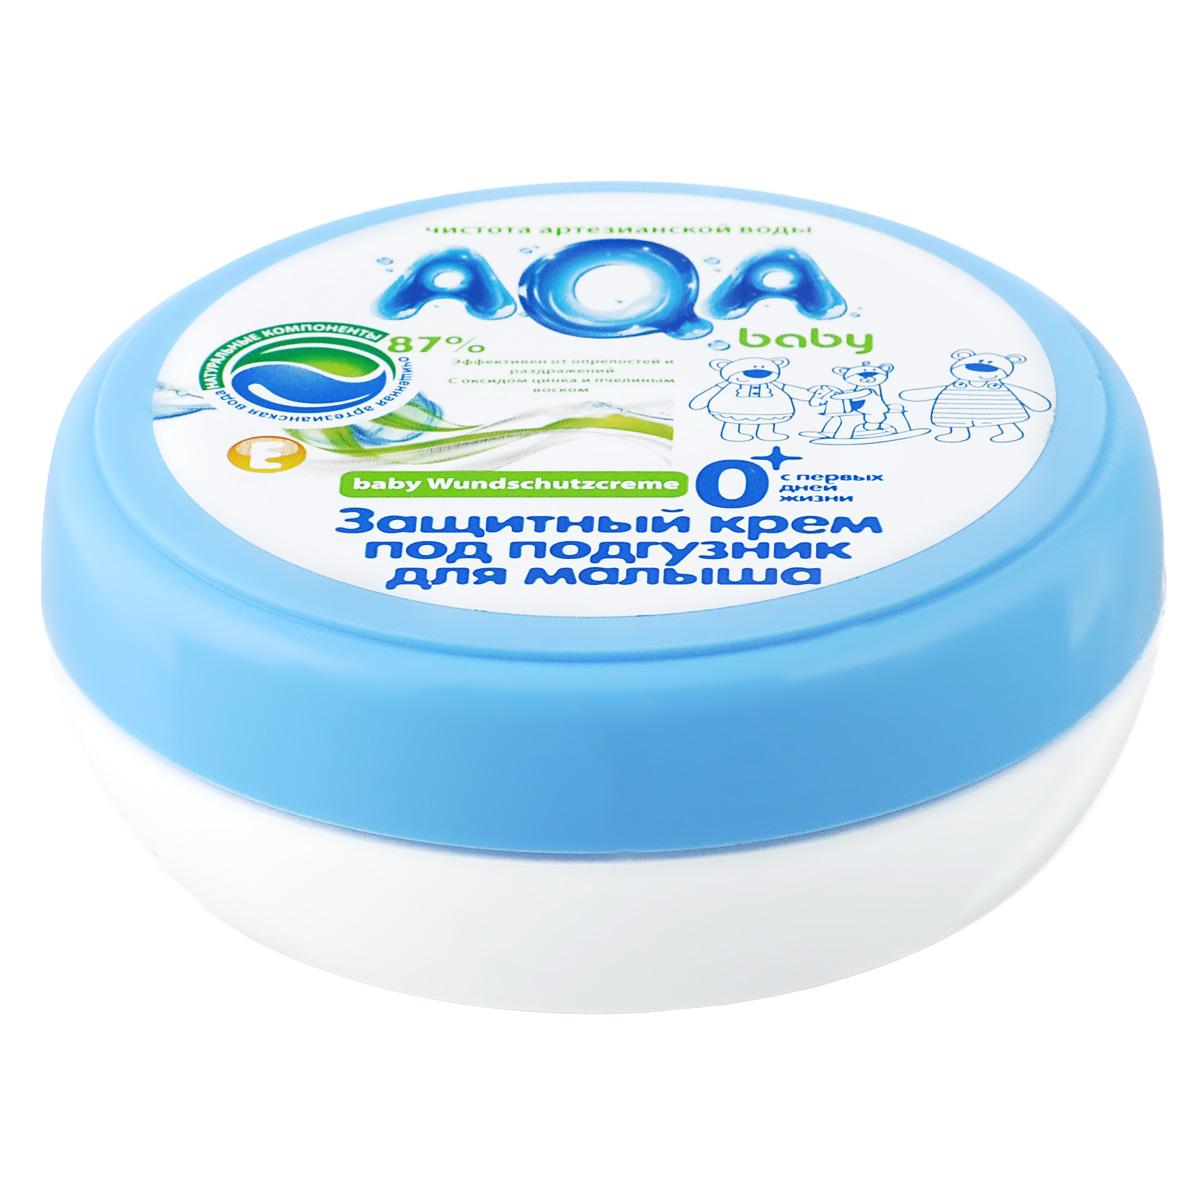 AQA baby Защитный крем под подгузник для малыша2012101Эффективно предотвращает появление опрелостей на нежных участках кожи, защищает от раздражений благодаря оксиду цинка и натуральному пчелиному воску. При появлении покраснений быстро успокаивает и способствует регенерации кожи. Масло подсолнечника и витамин Е смягчают и увлажняют кожу. Используется с рождения.